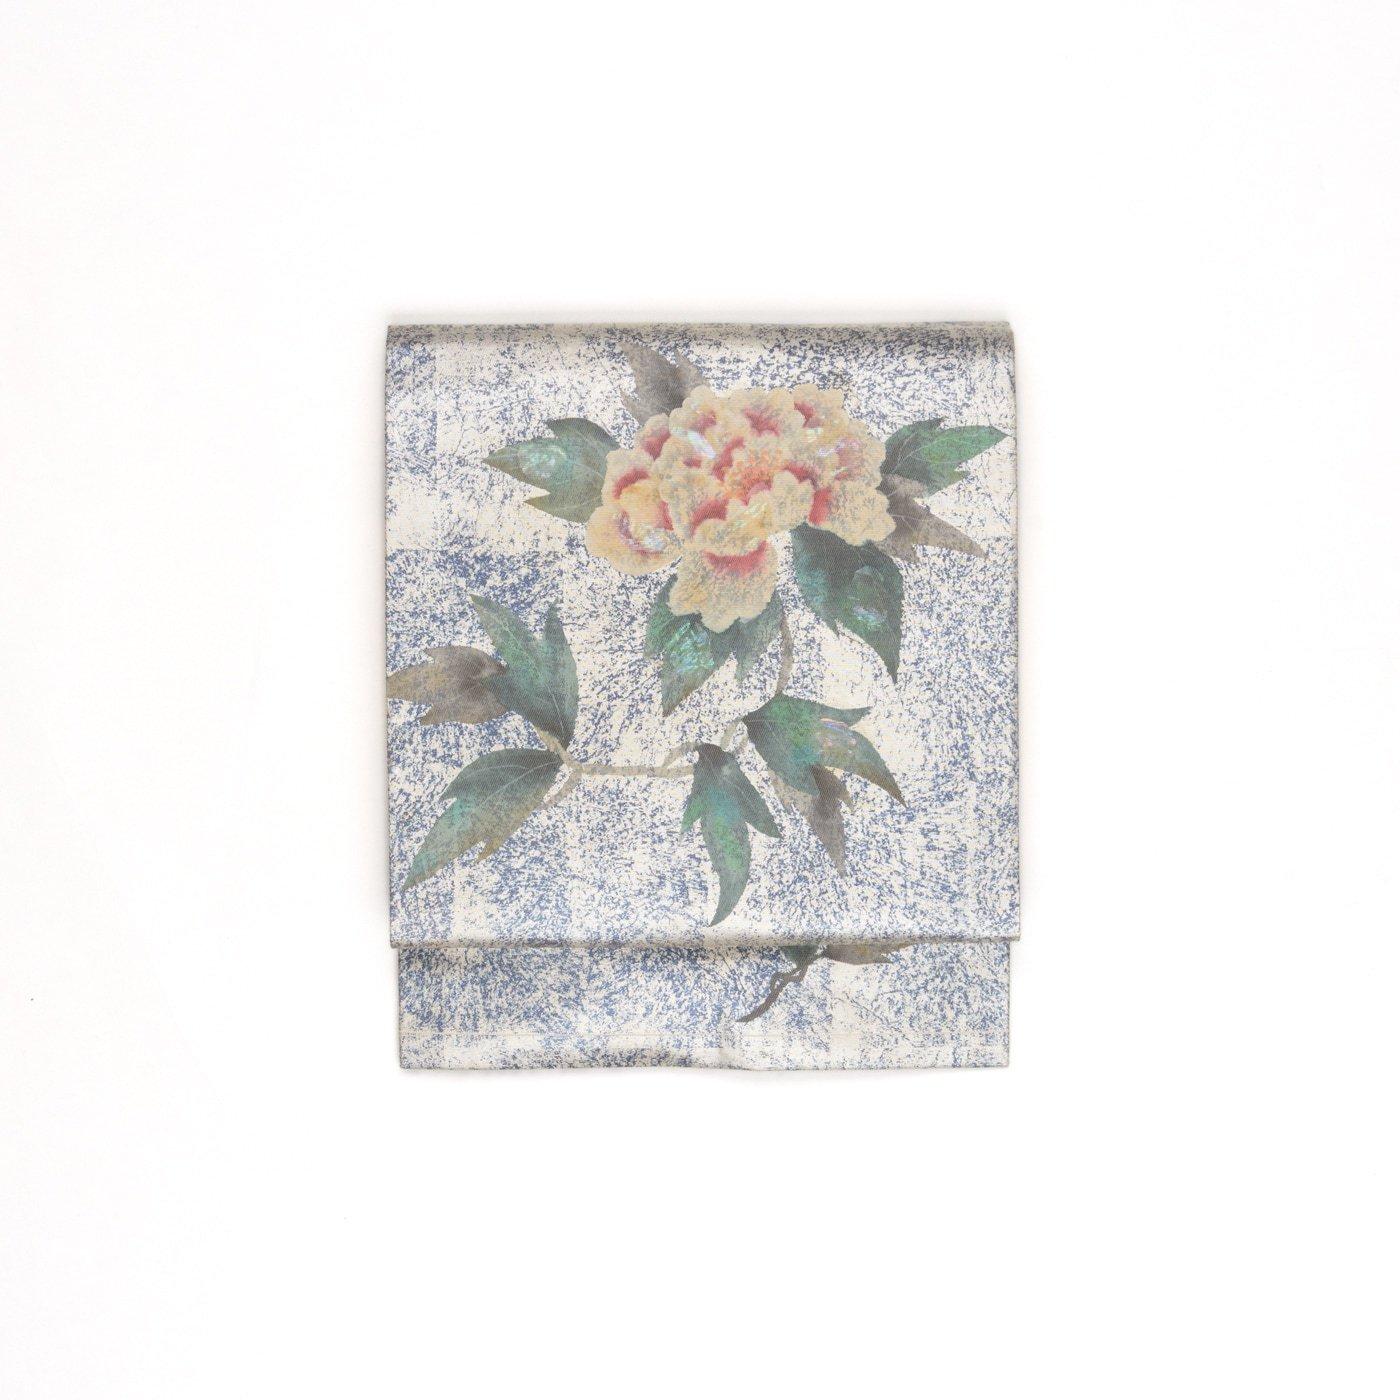 「ブルーシルバー 白牡丹」の商品画像